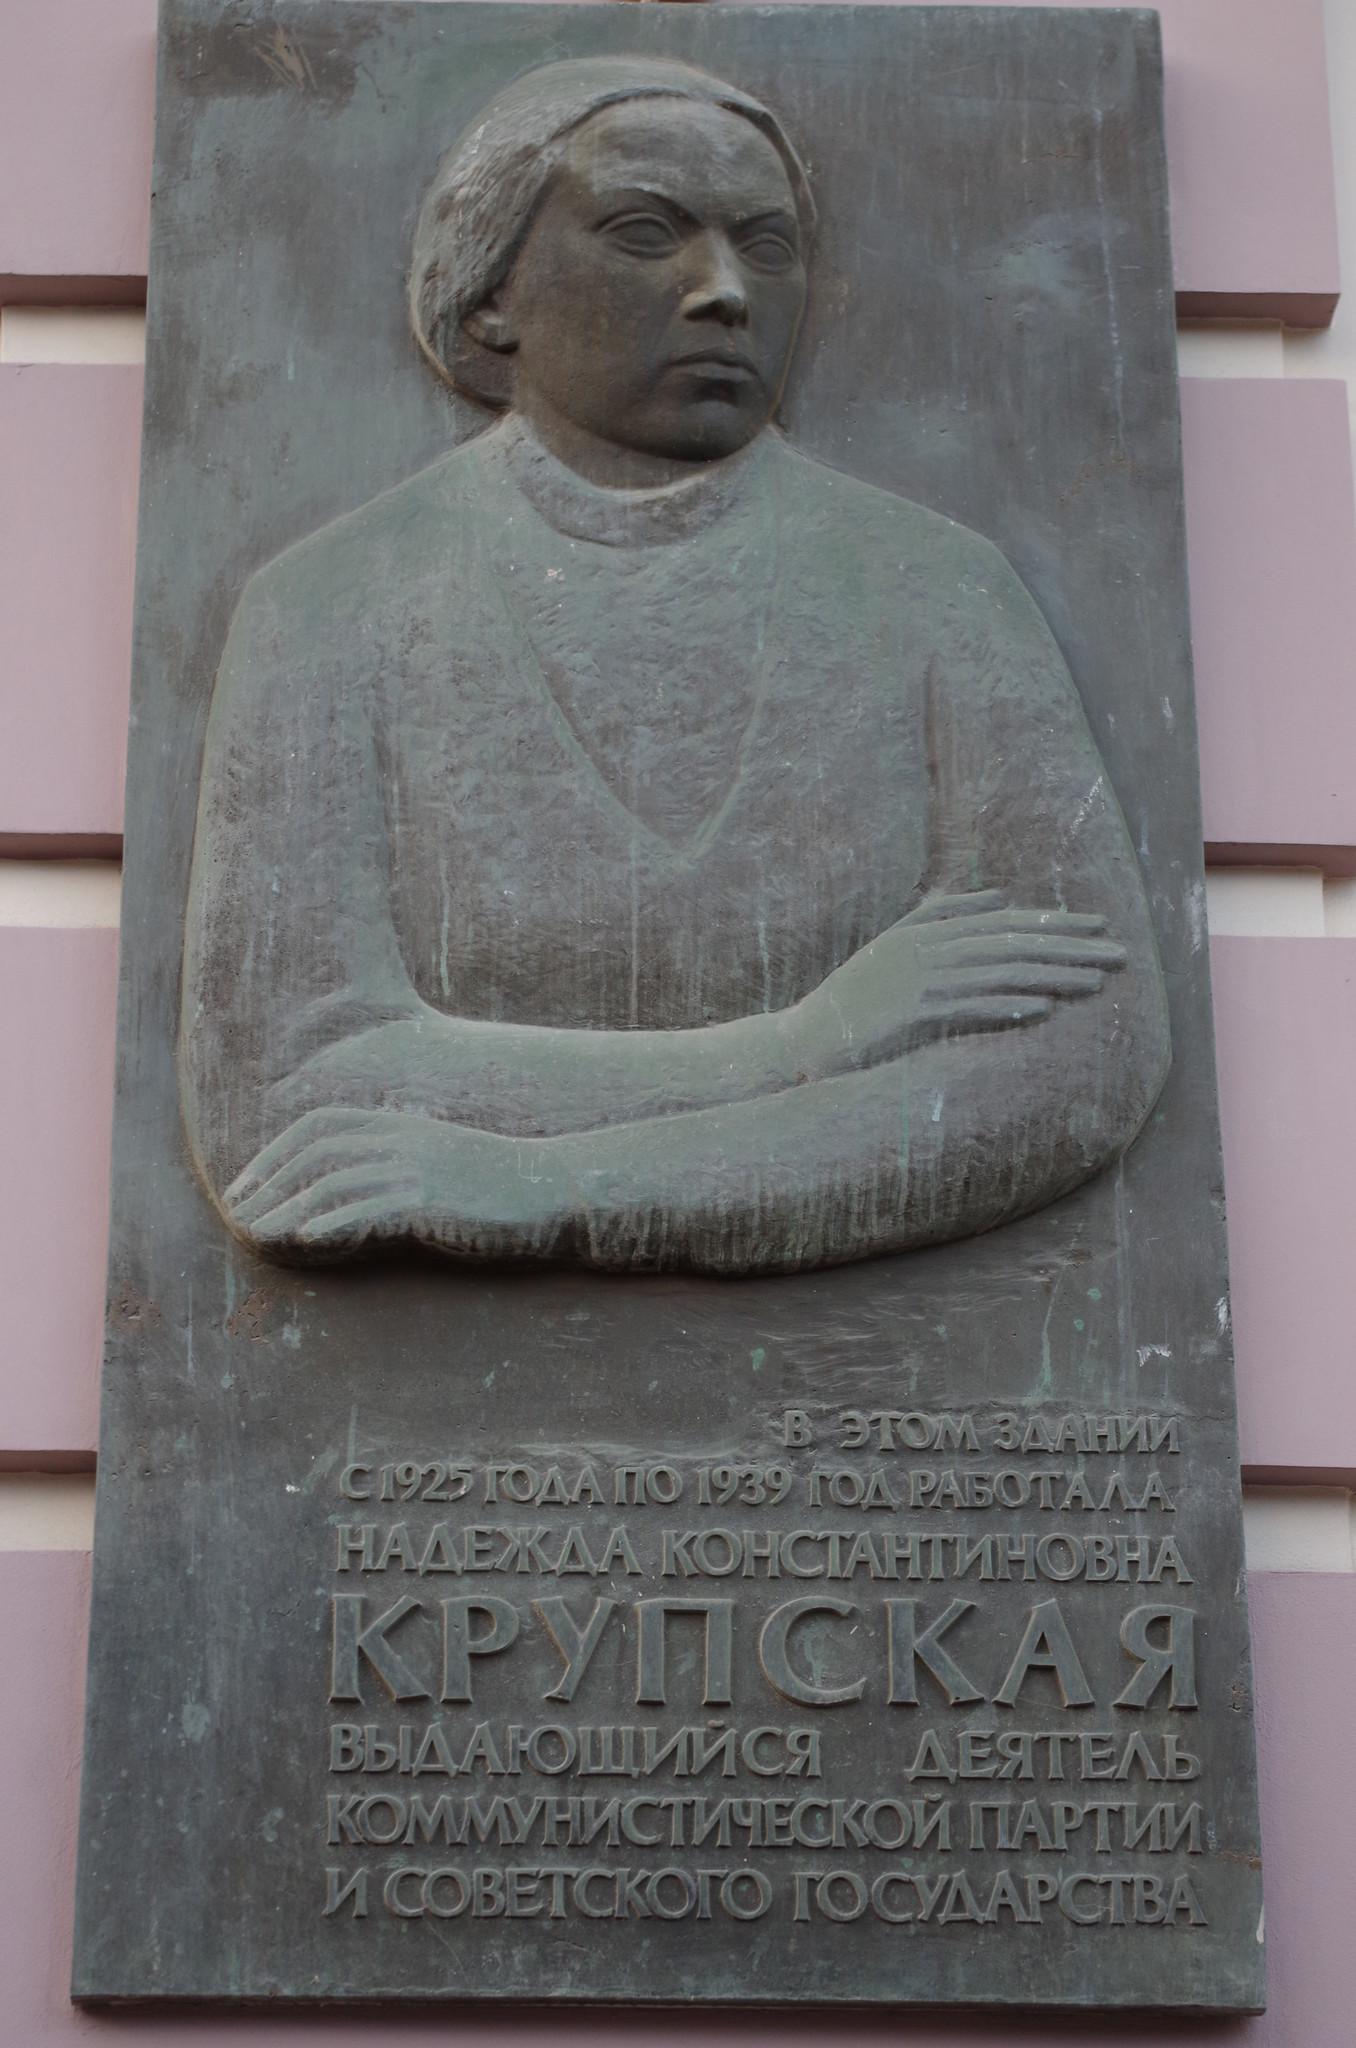 Памятная доска Н.К. Крупской расположенная на Чистопрудном бульваре, дом 6 в Москве